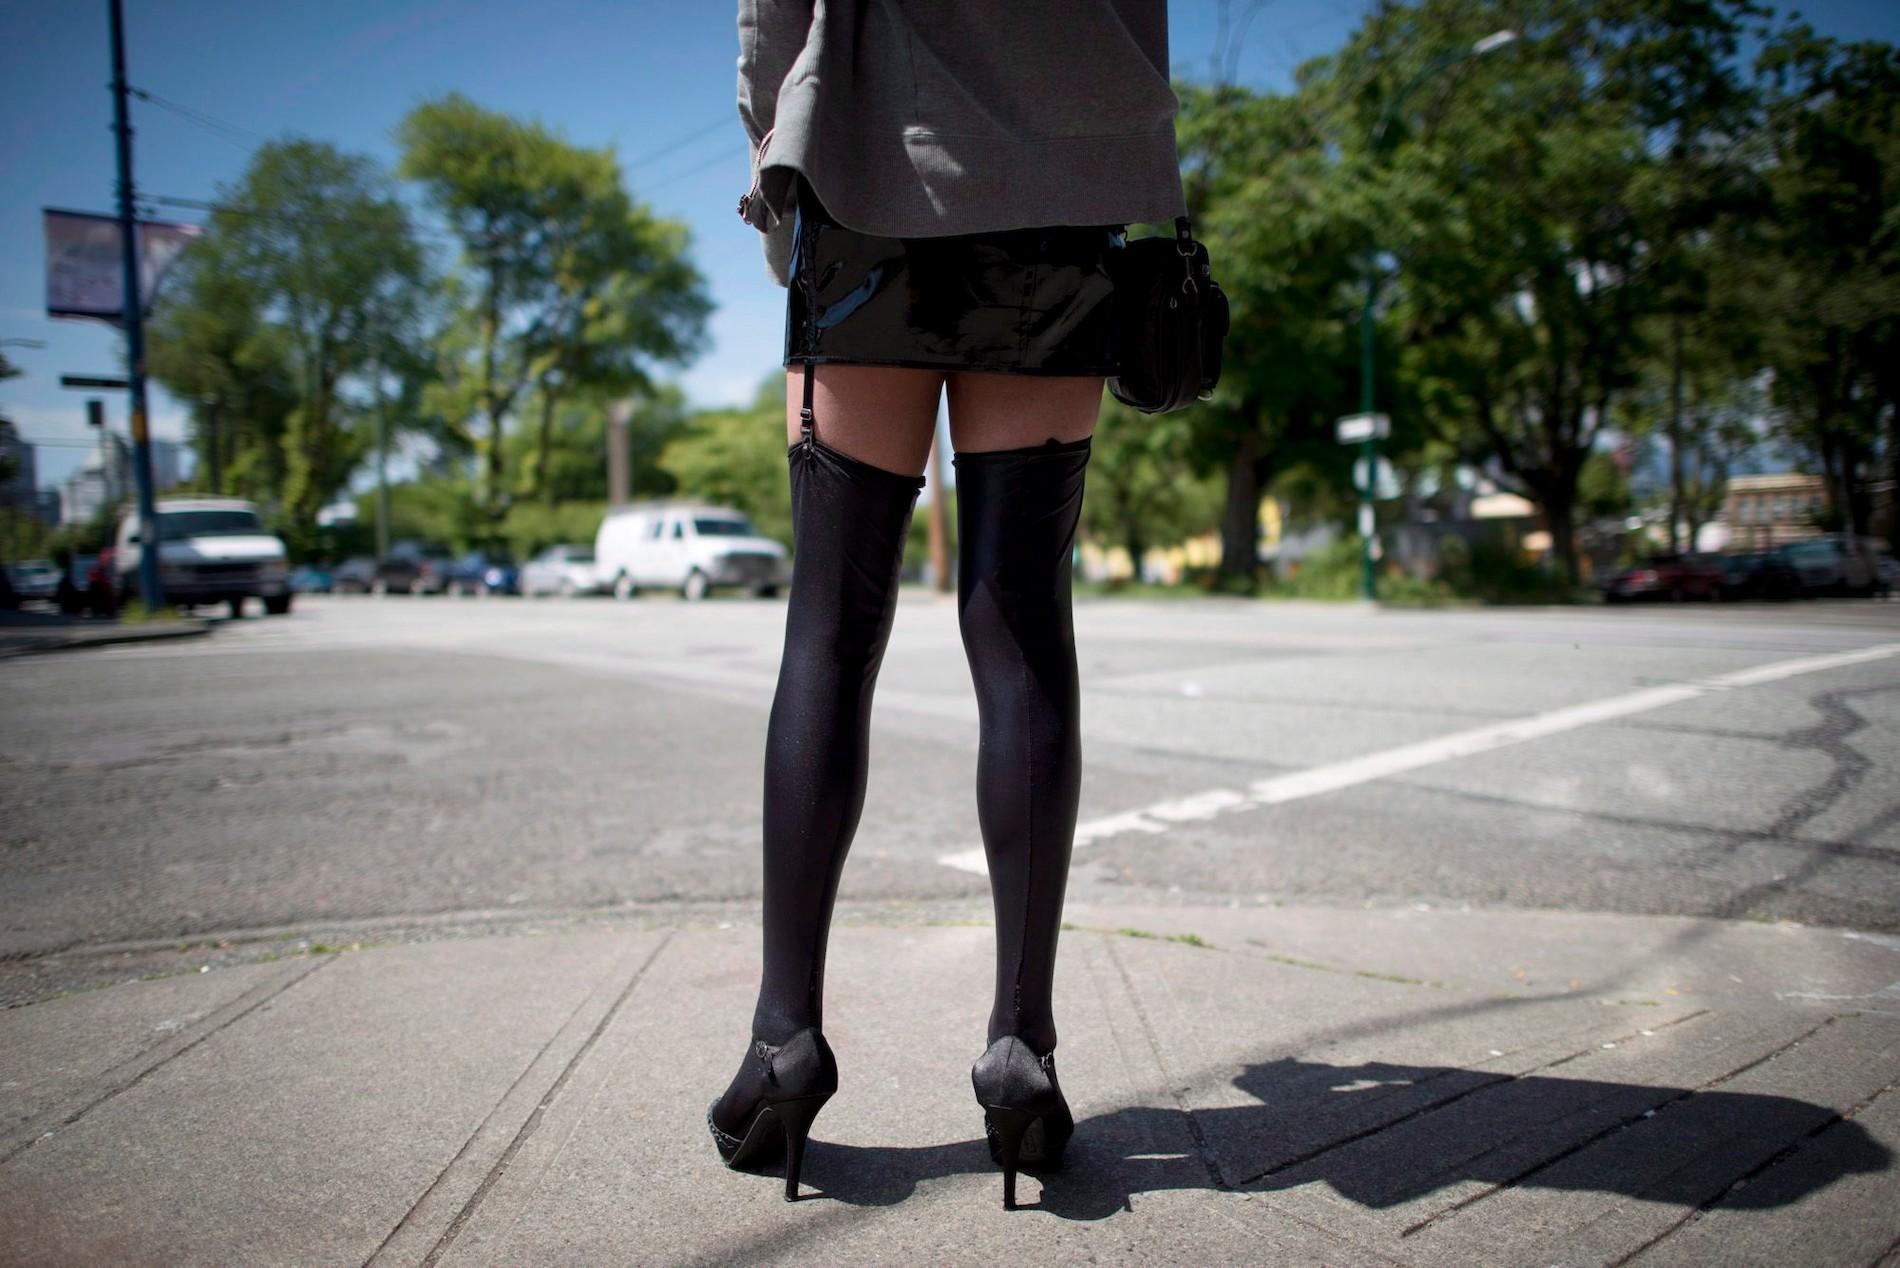 tarjetas black prostitutas prostituc